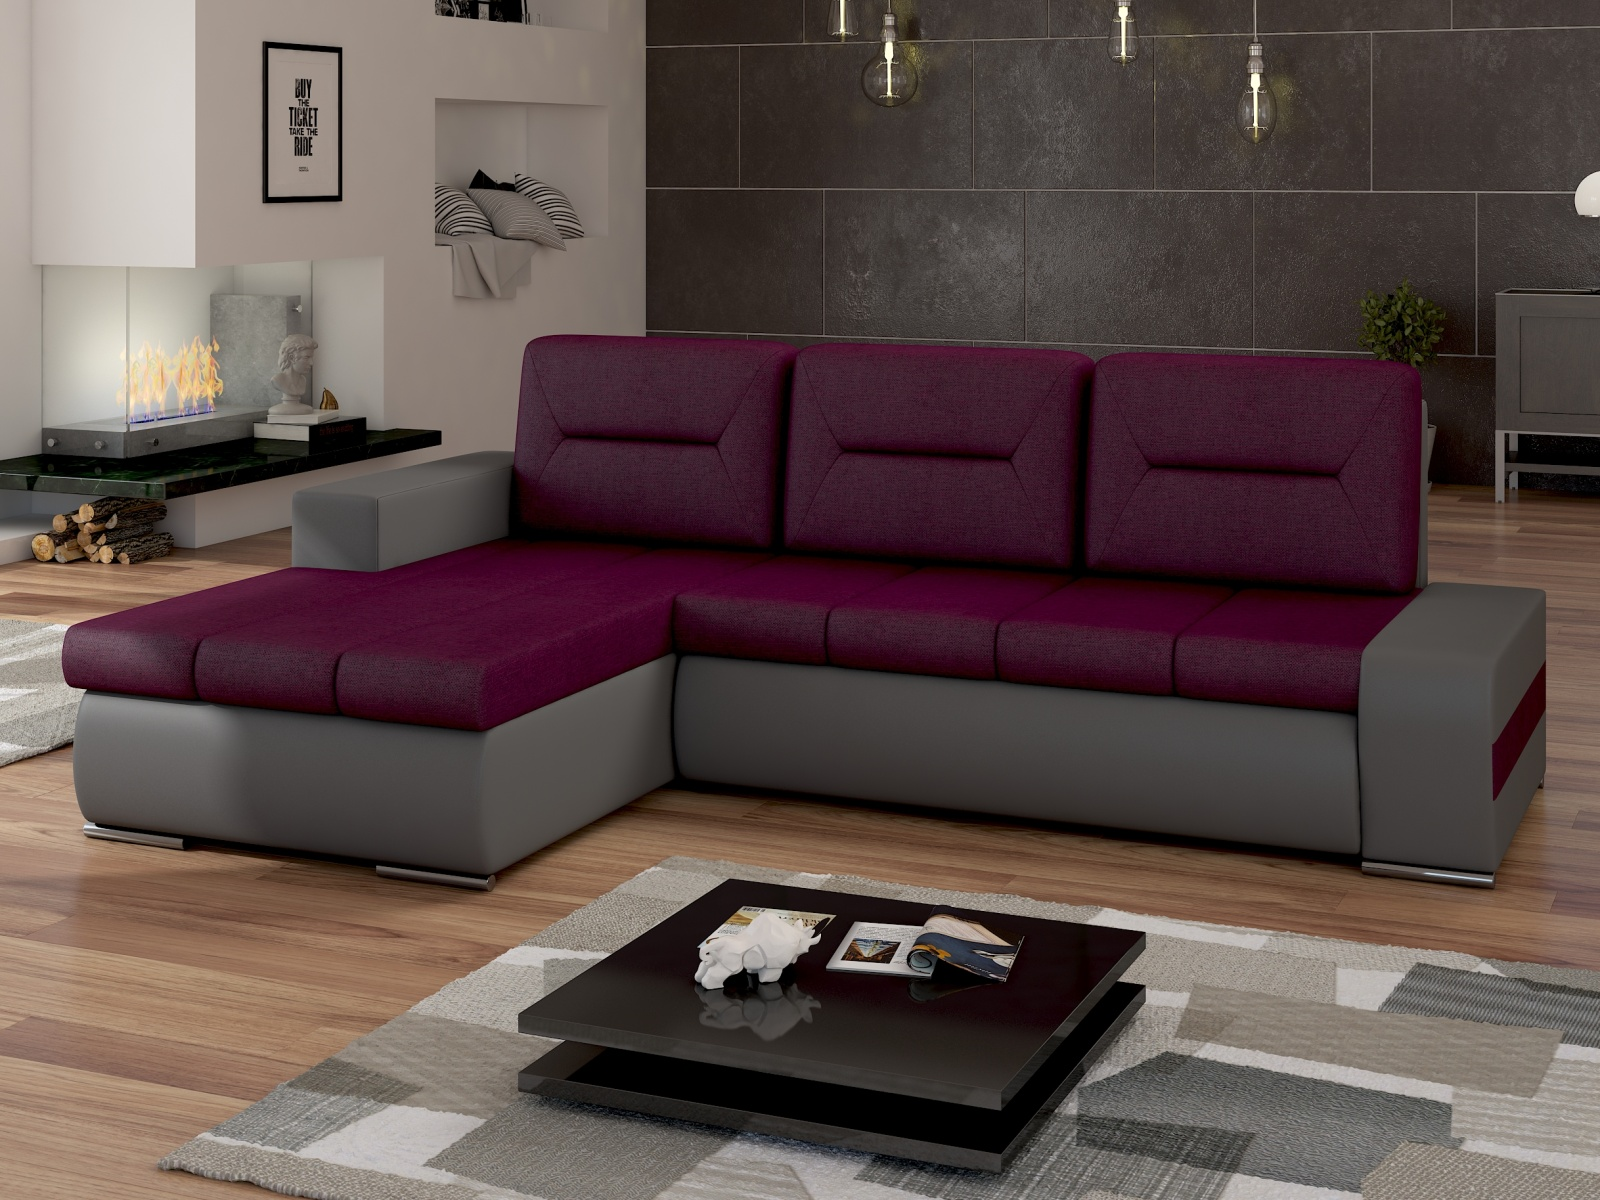 ELTAP Rohová sedačka OTTAVIO Ov06 levá, fialová látka/šedá ekokůže